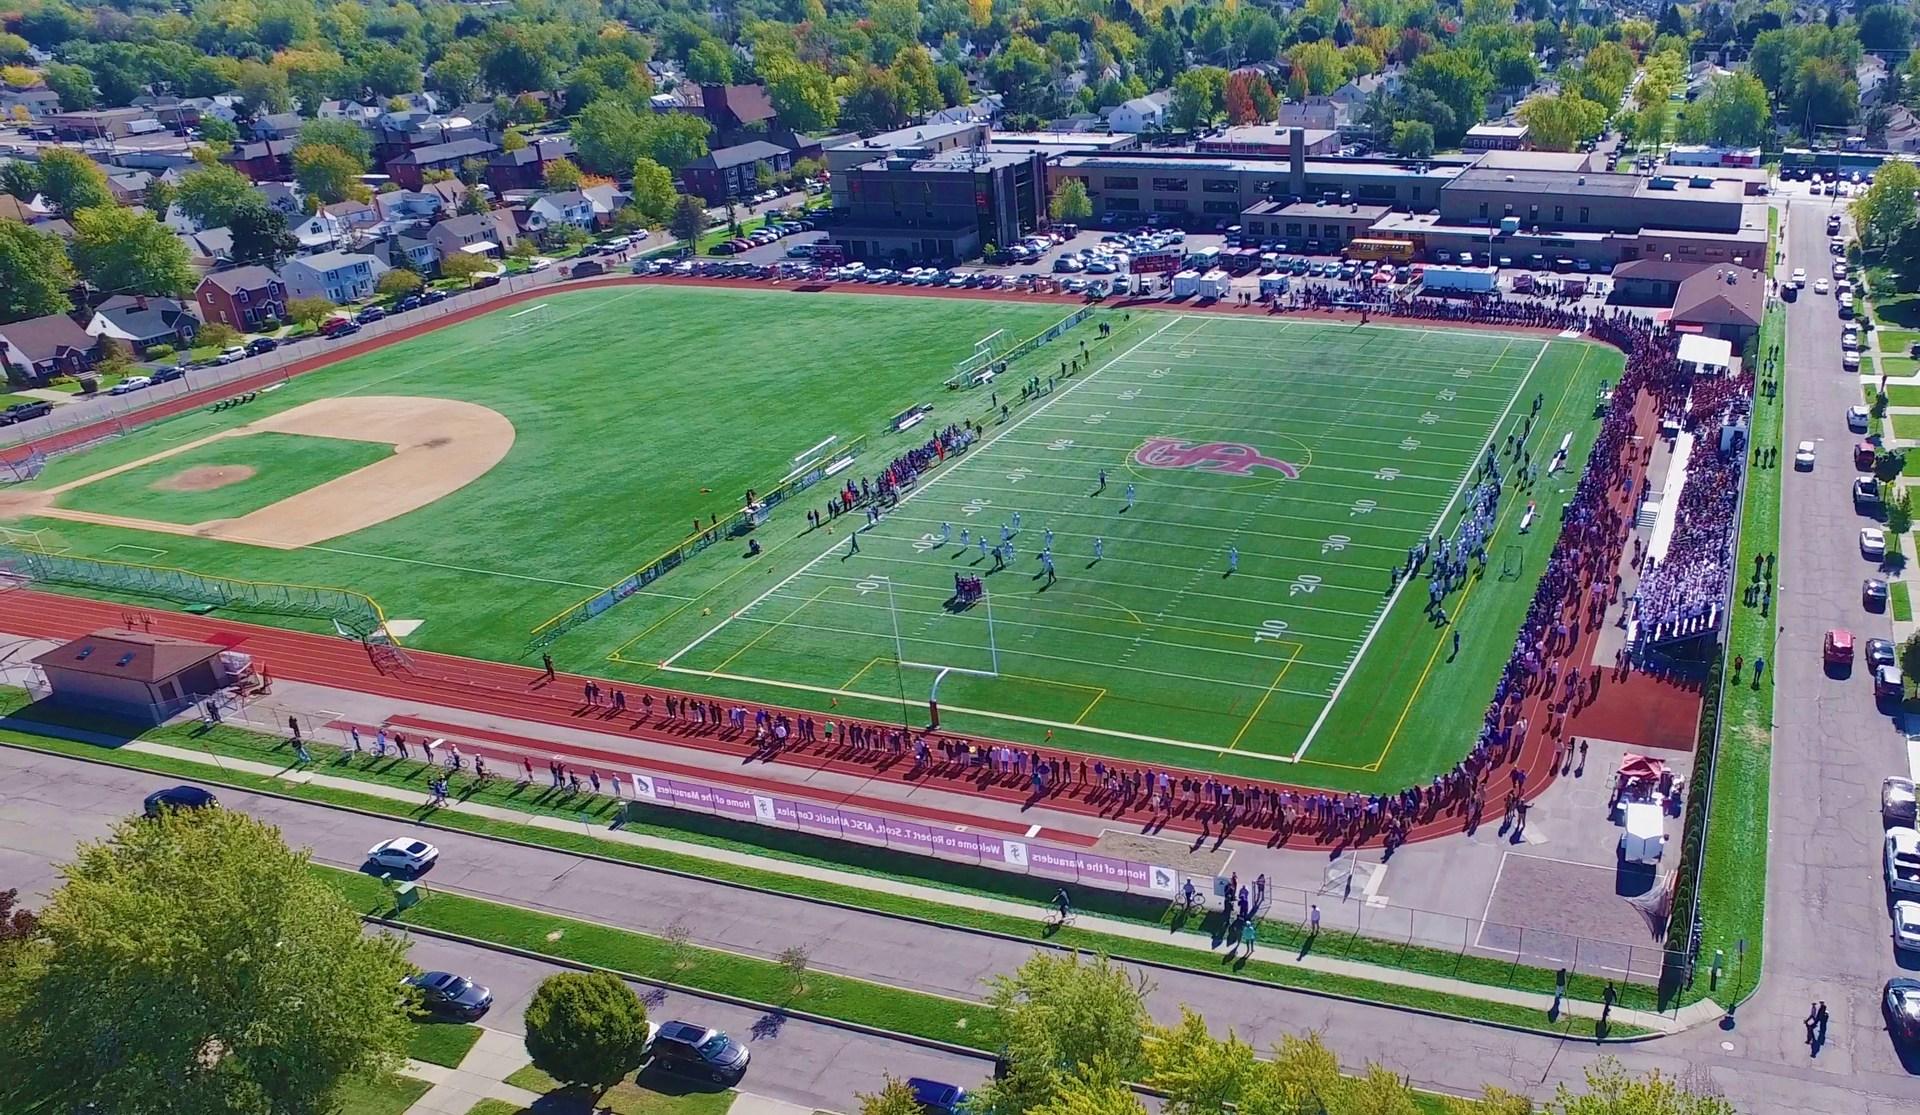 fields in back of school